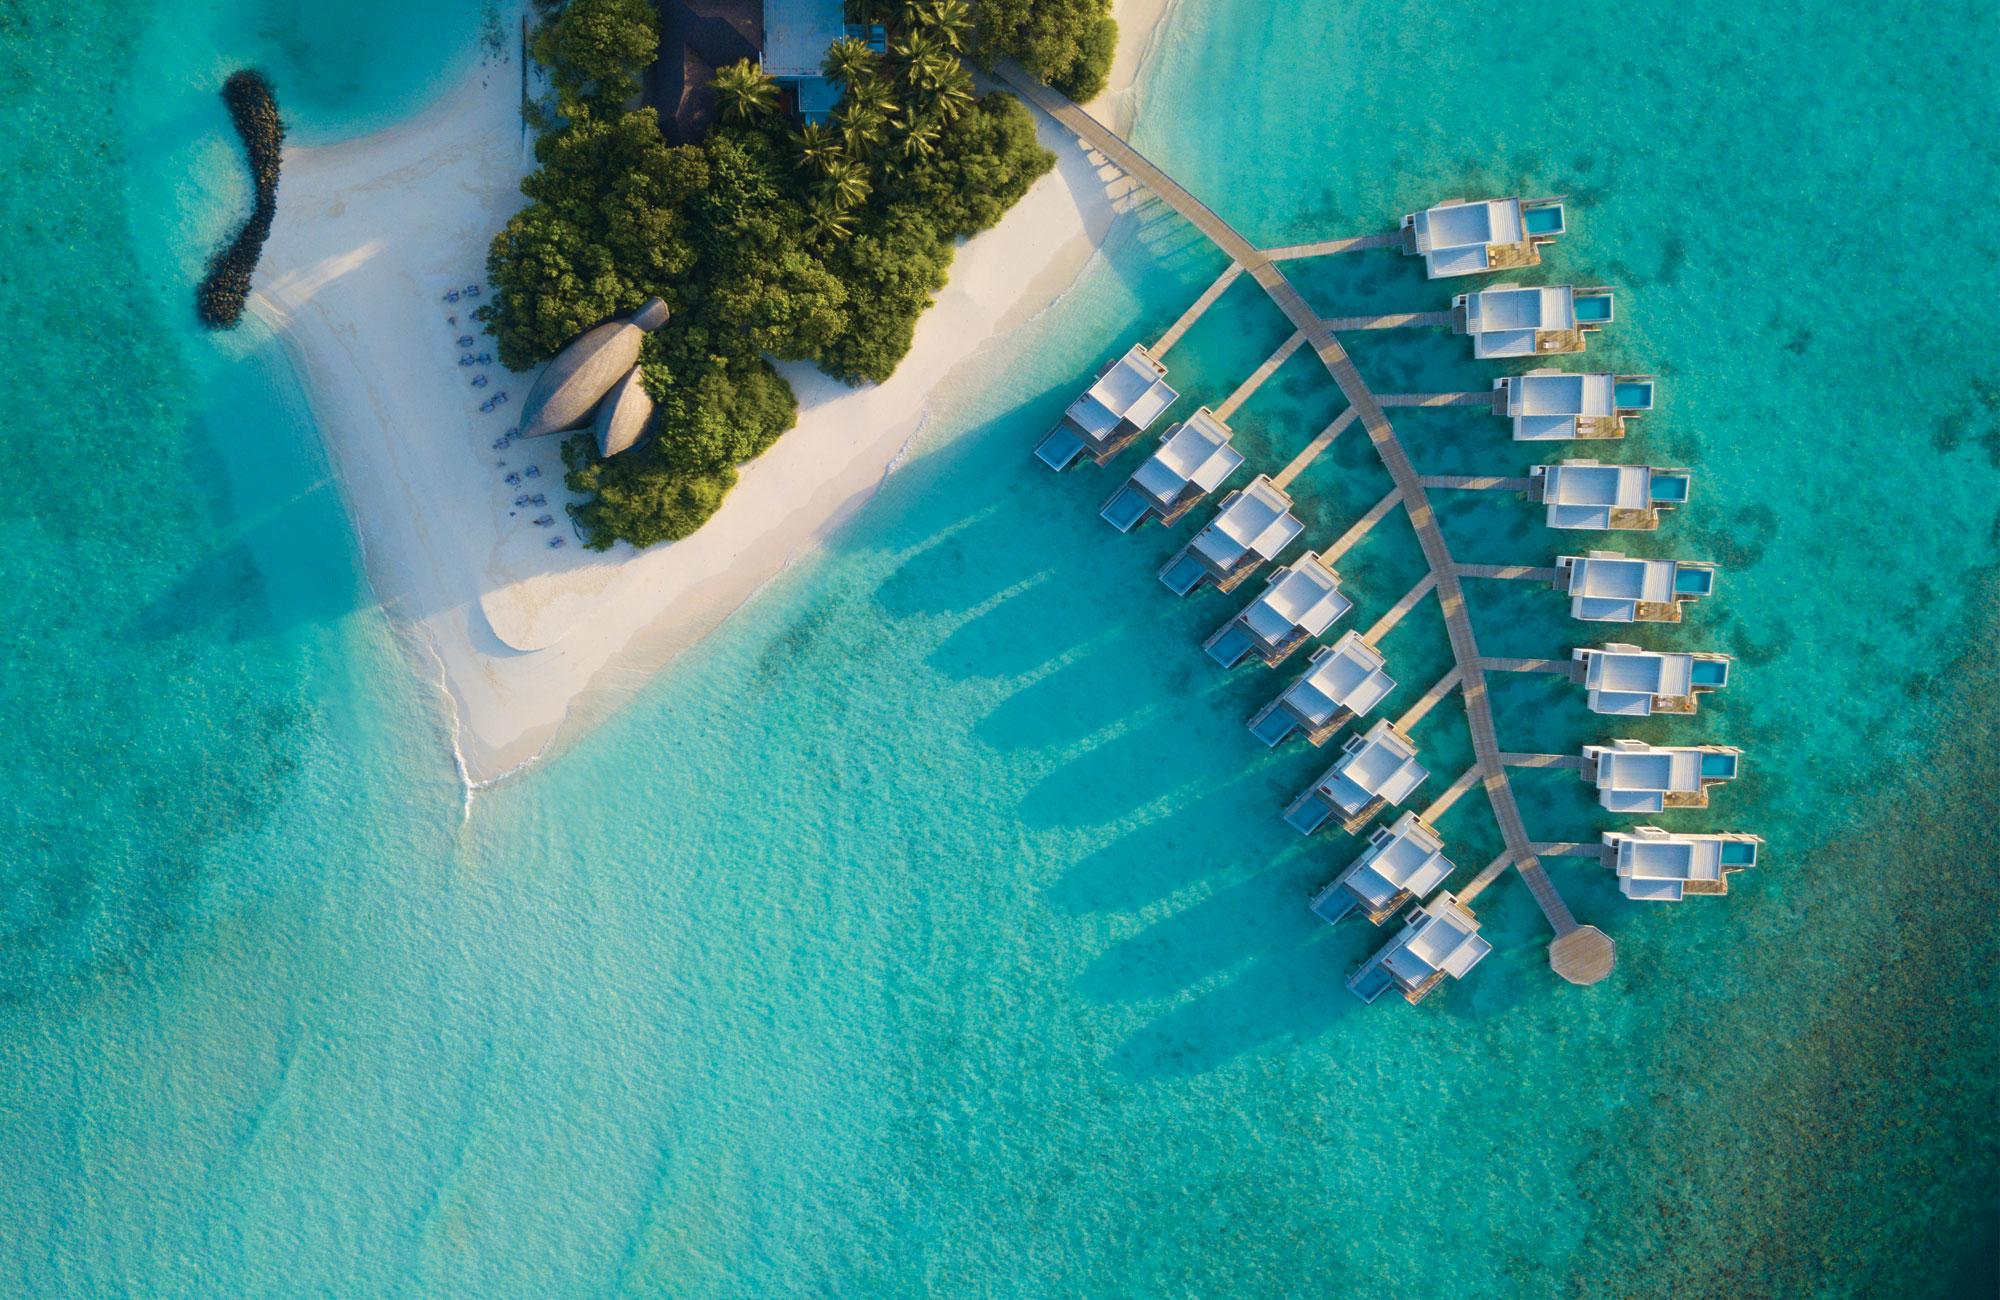 Dhigali Maldives Image